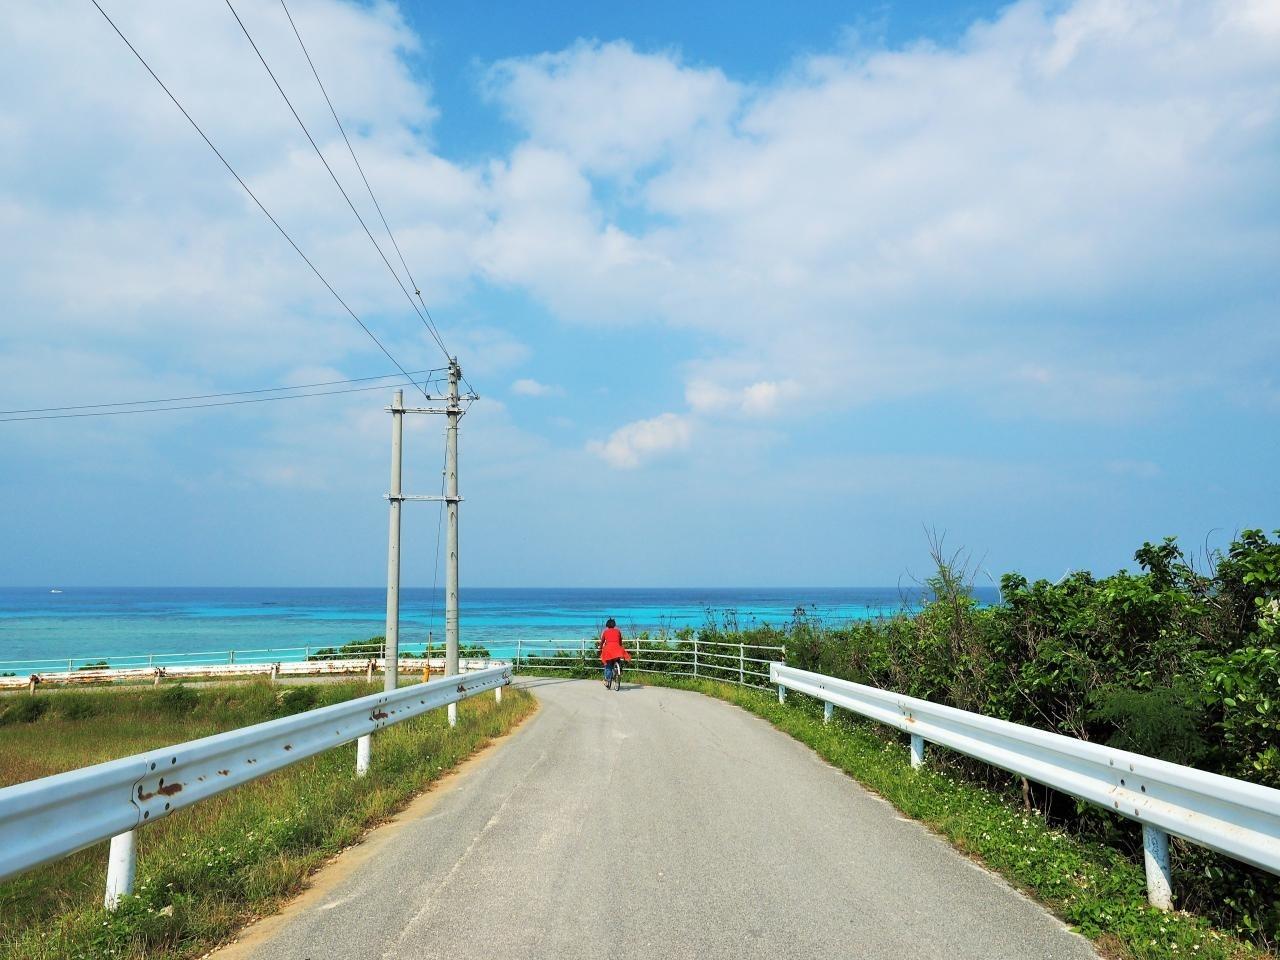 株式会社パム/【広報企画(沖縄)】自社の観光情報・旅行予約サイトのPR活動などの仕事